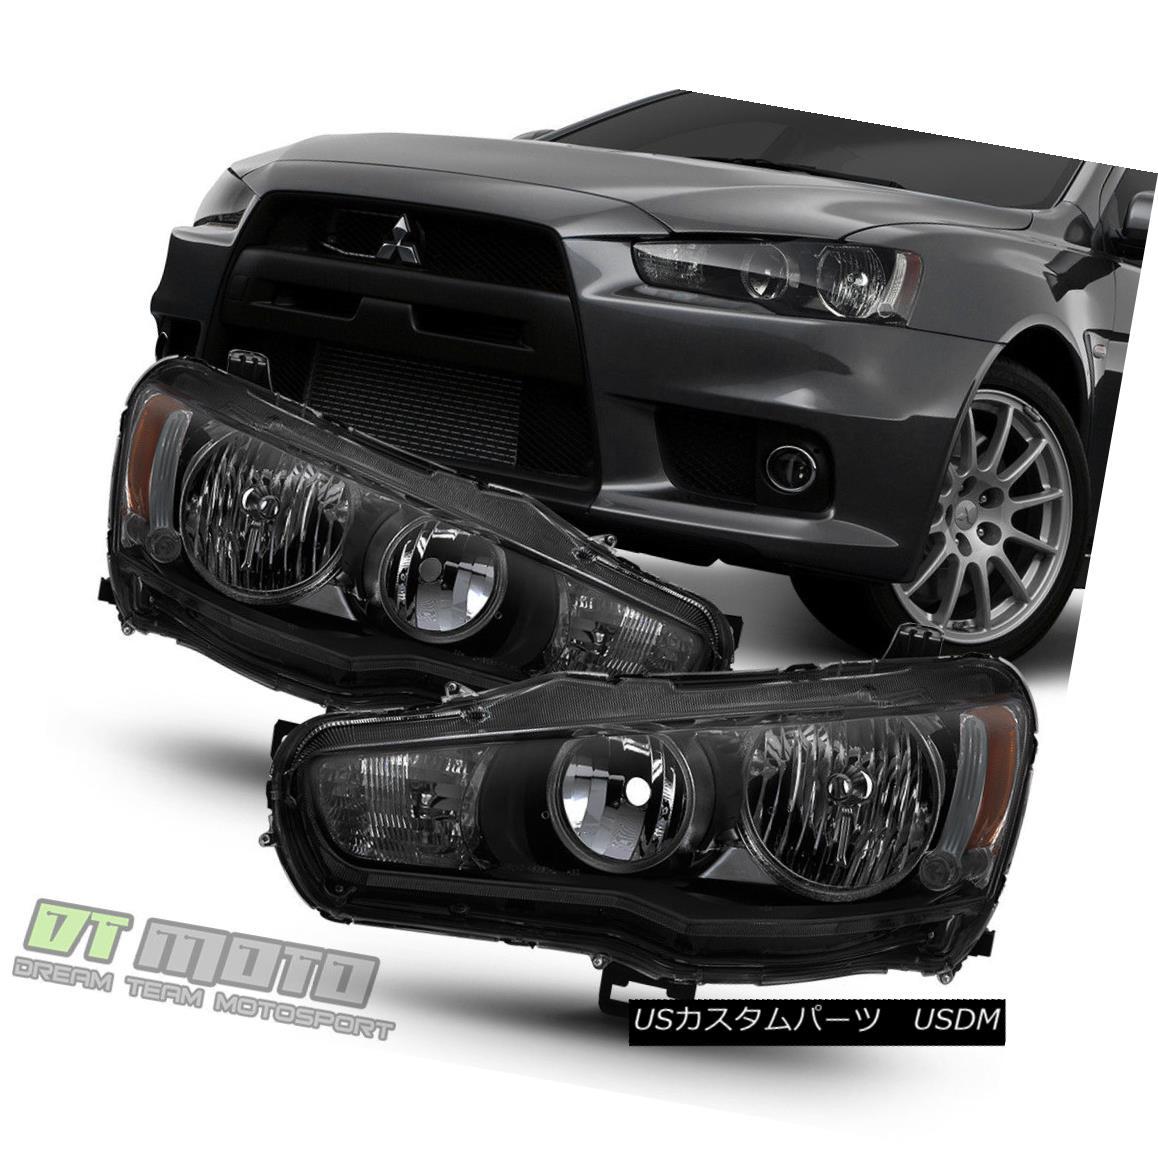 ヘッドライト Black Smoke 2008-2017 Lancer 08-15 Evolution EVO X Halogen Headlights Headlamps ブラックスモーク2008-2017ランサー08-15 Evolution EVO Xハロゲンヘッドライトヘッドランプ